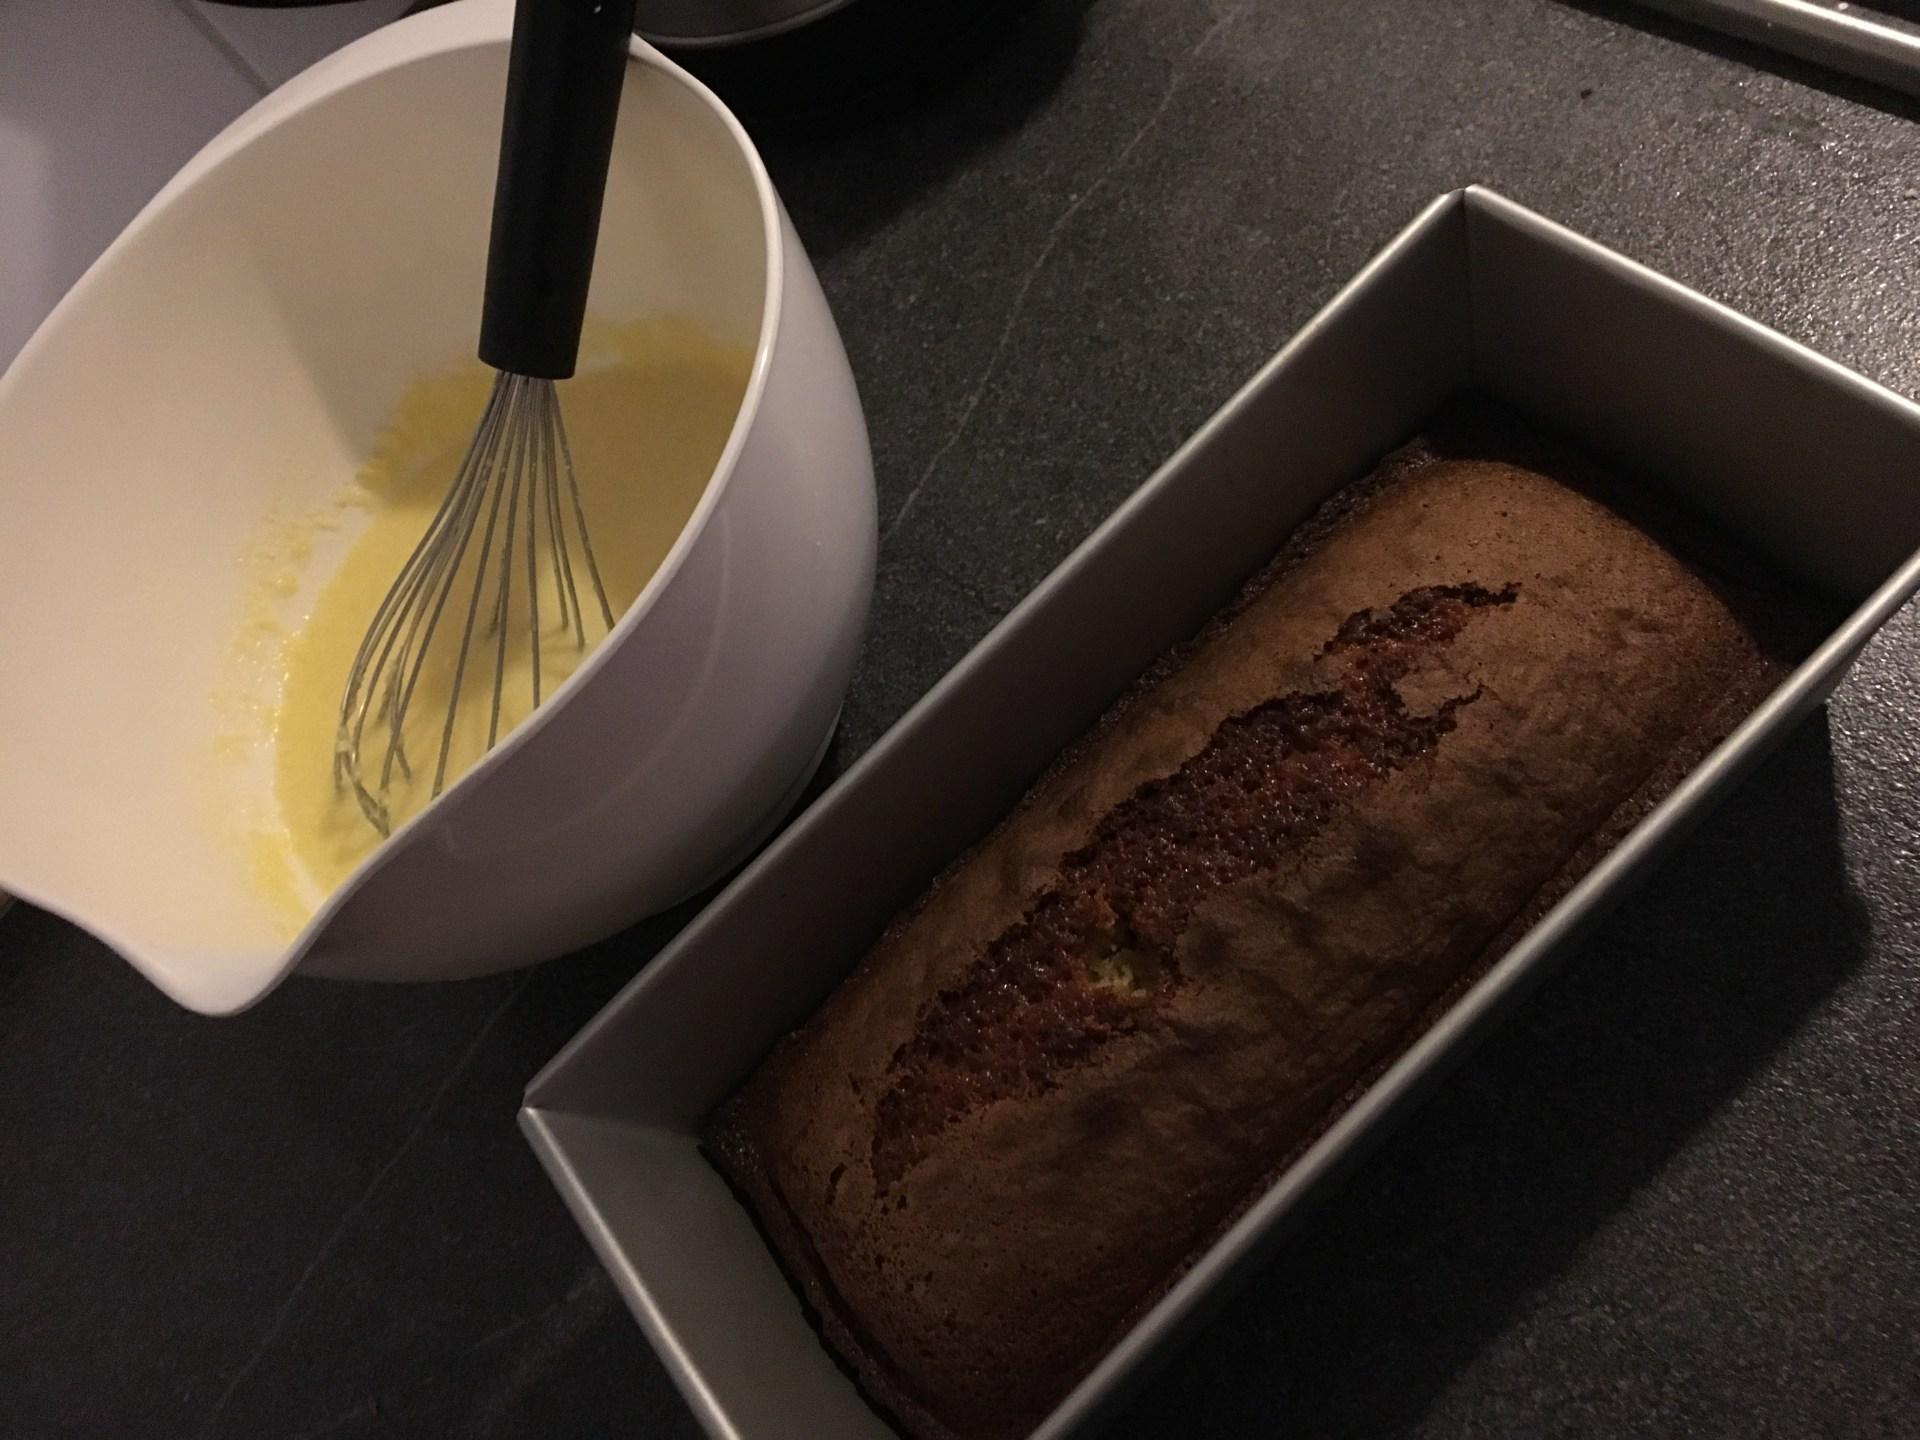 Zuid-Afrikaanse malva pudding